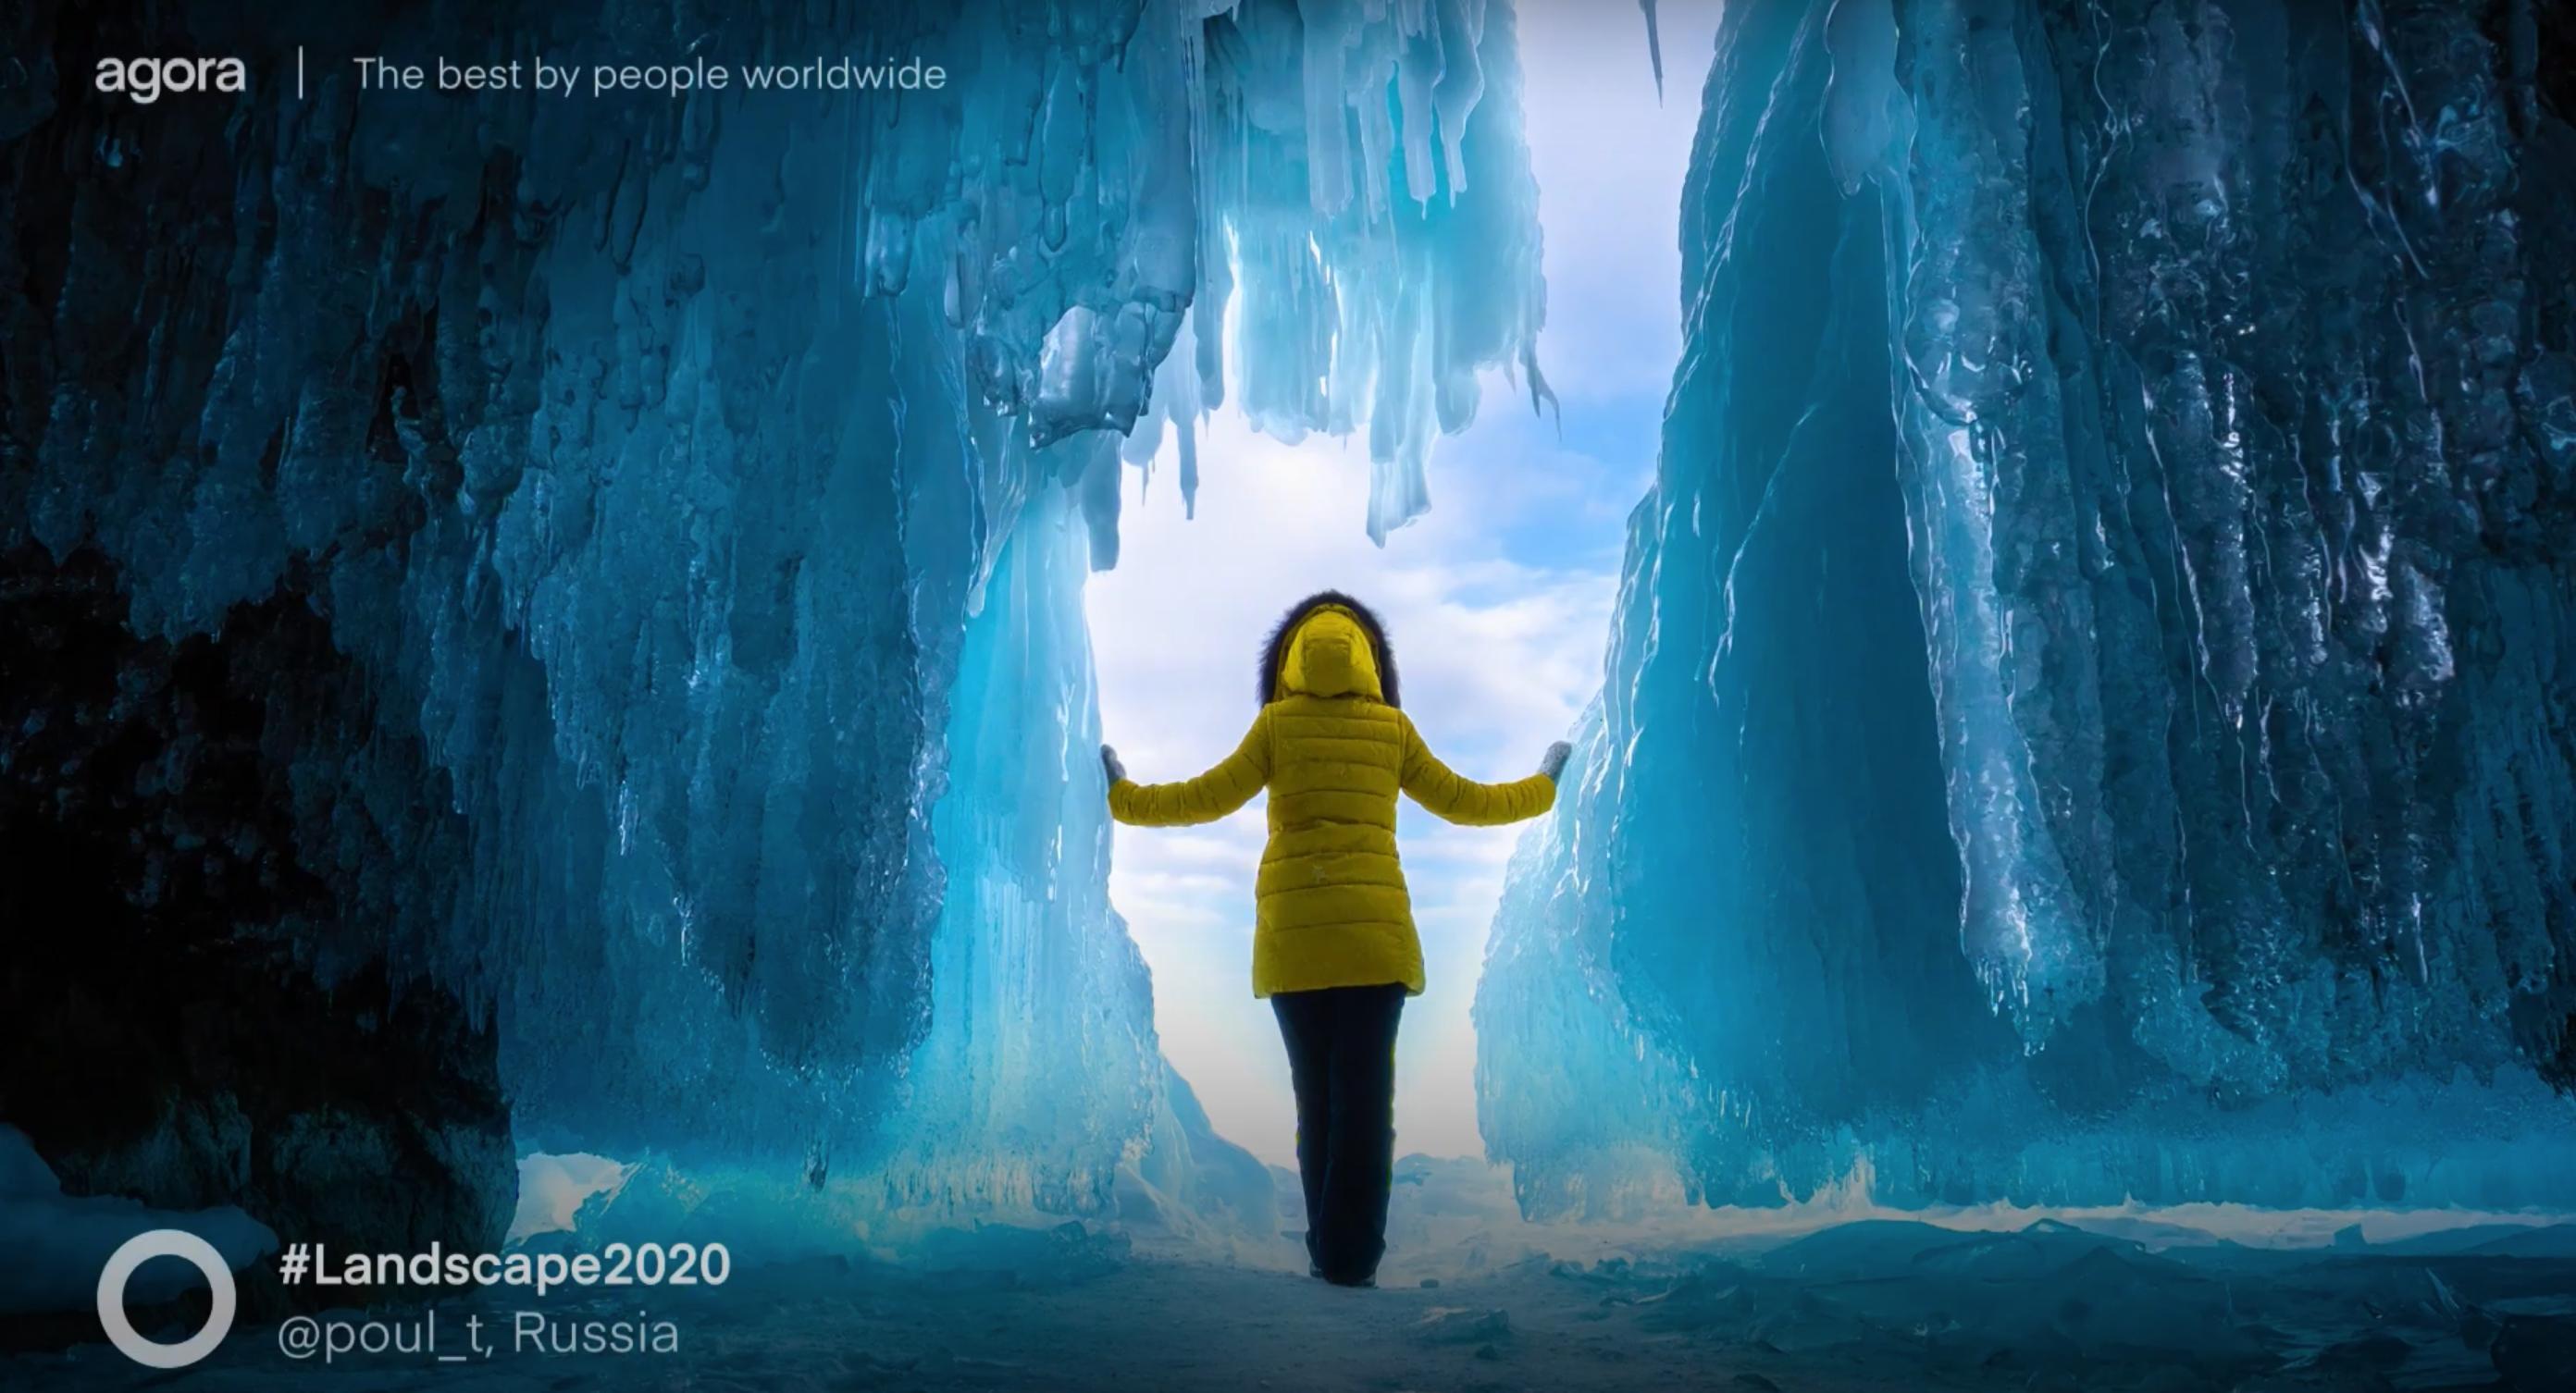 agora-images-landscape2020